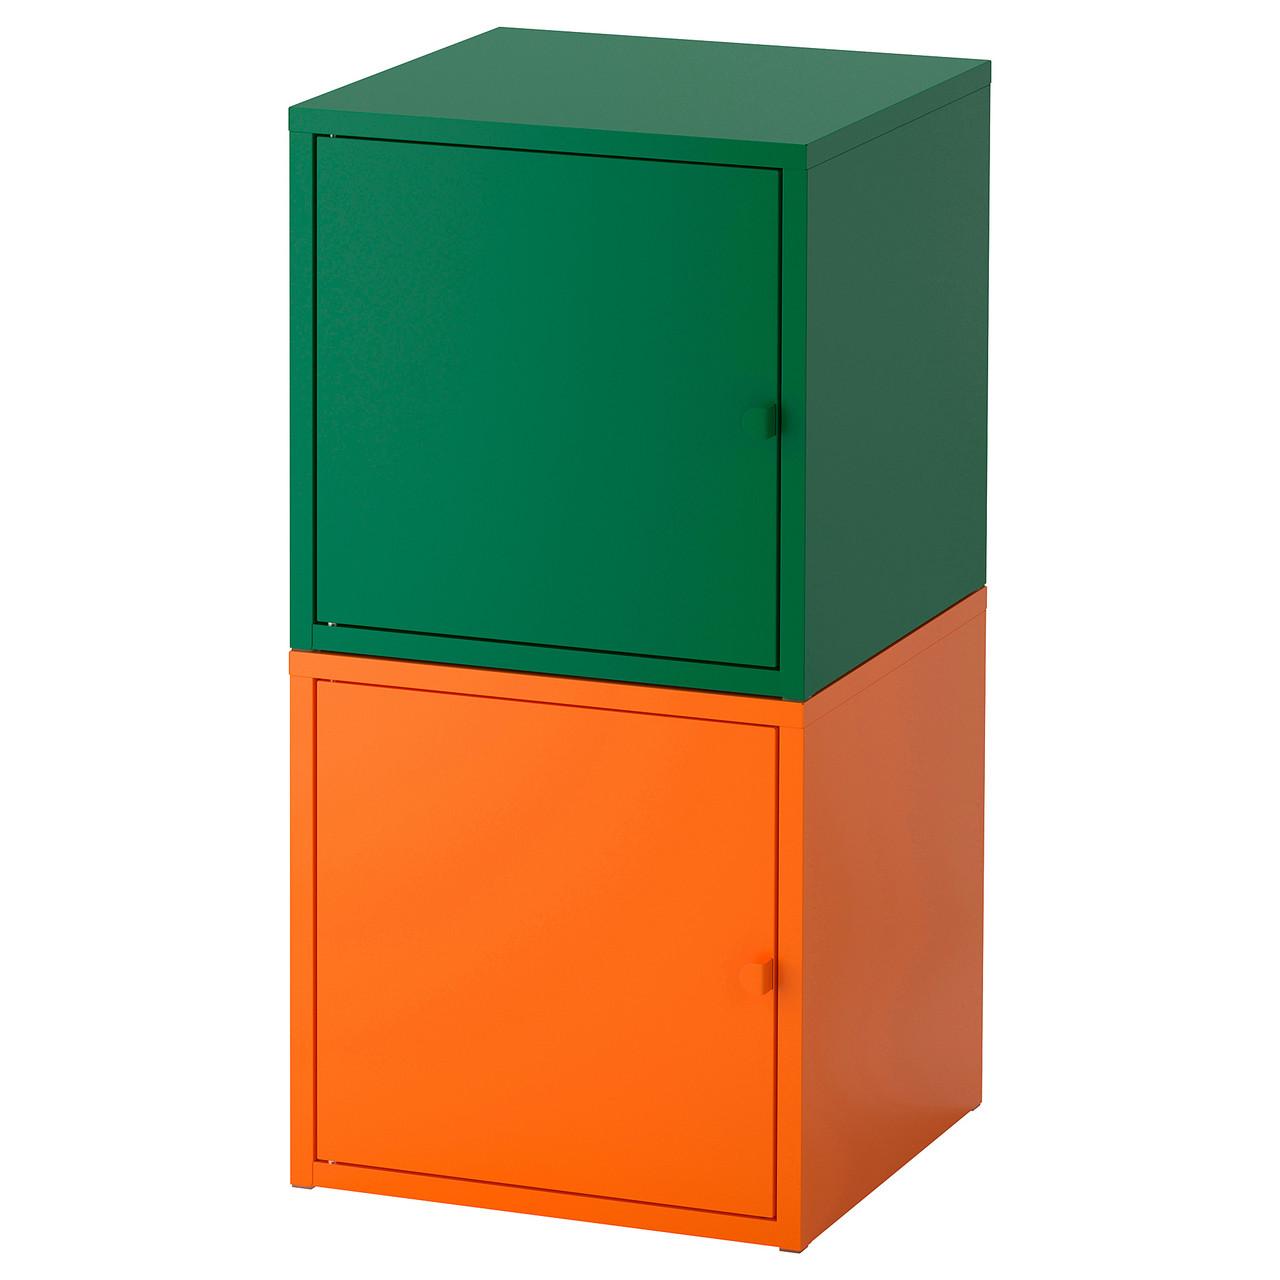 """ИКЕА """"ЛИКСГУЛЬТ"""" Комбинация д/хранения, темно-зеленый, оранжевый"""